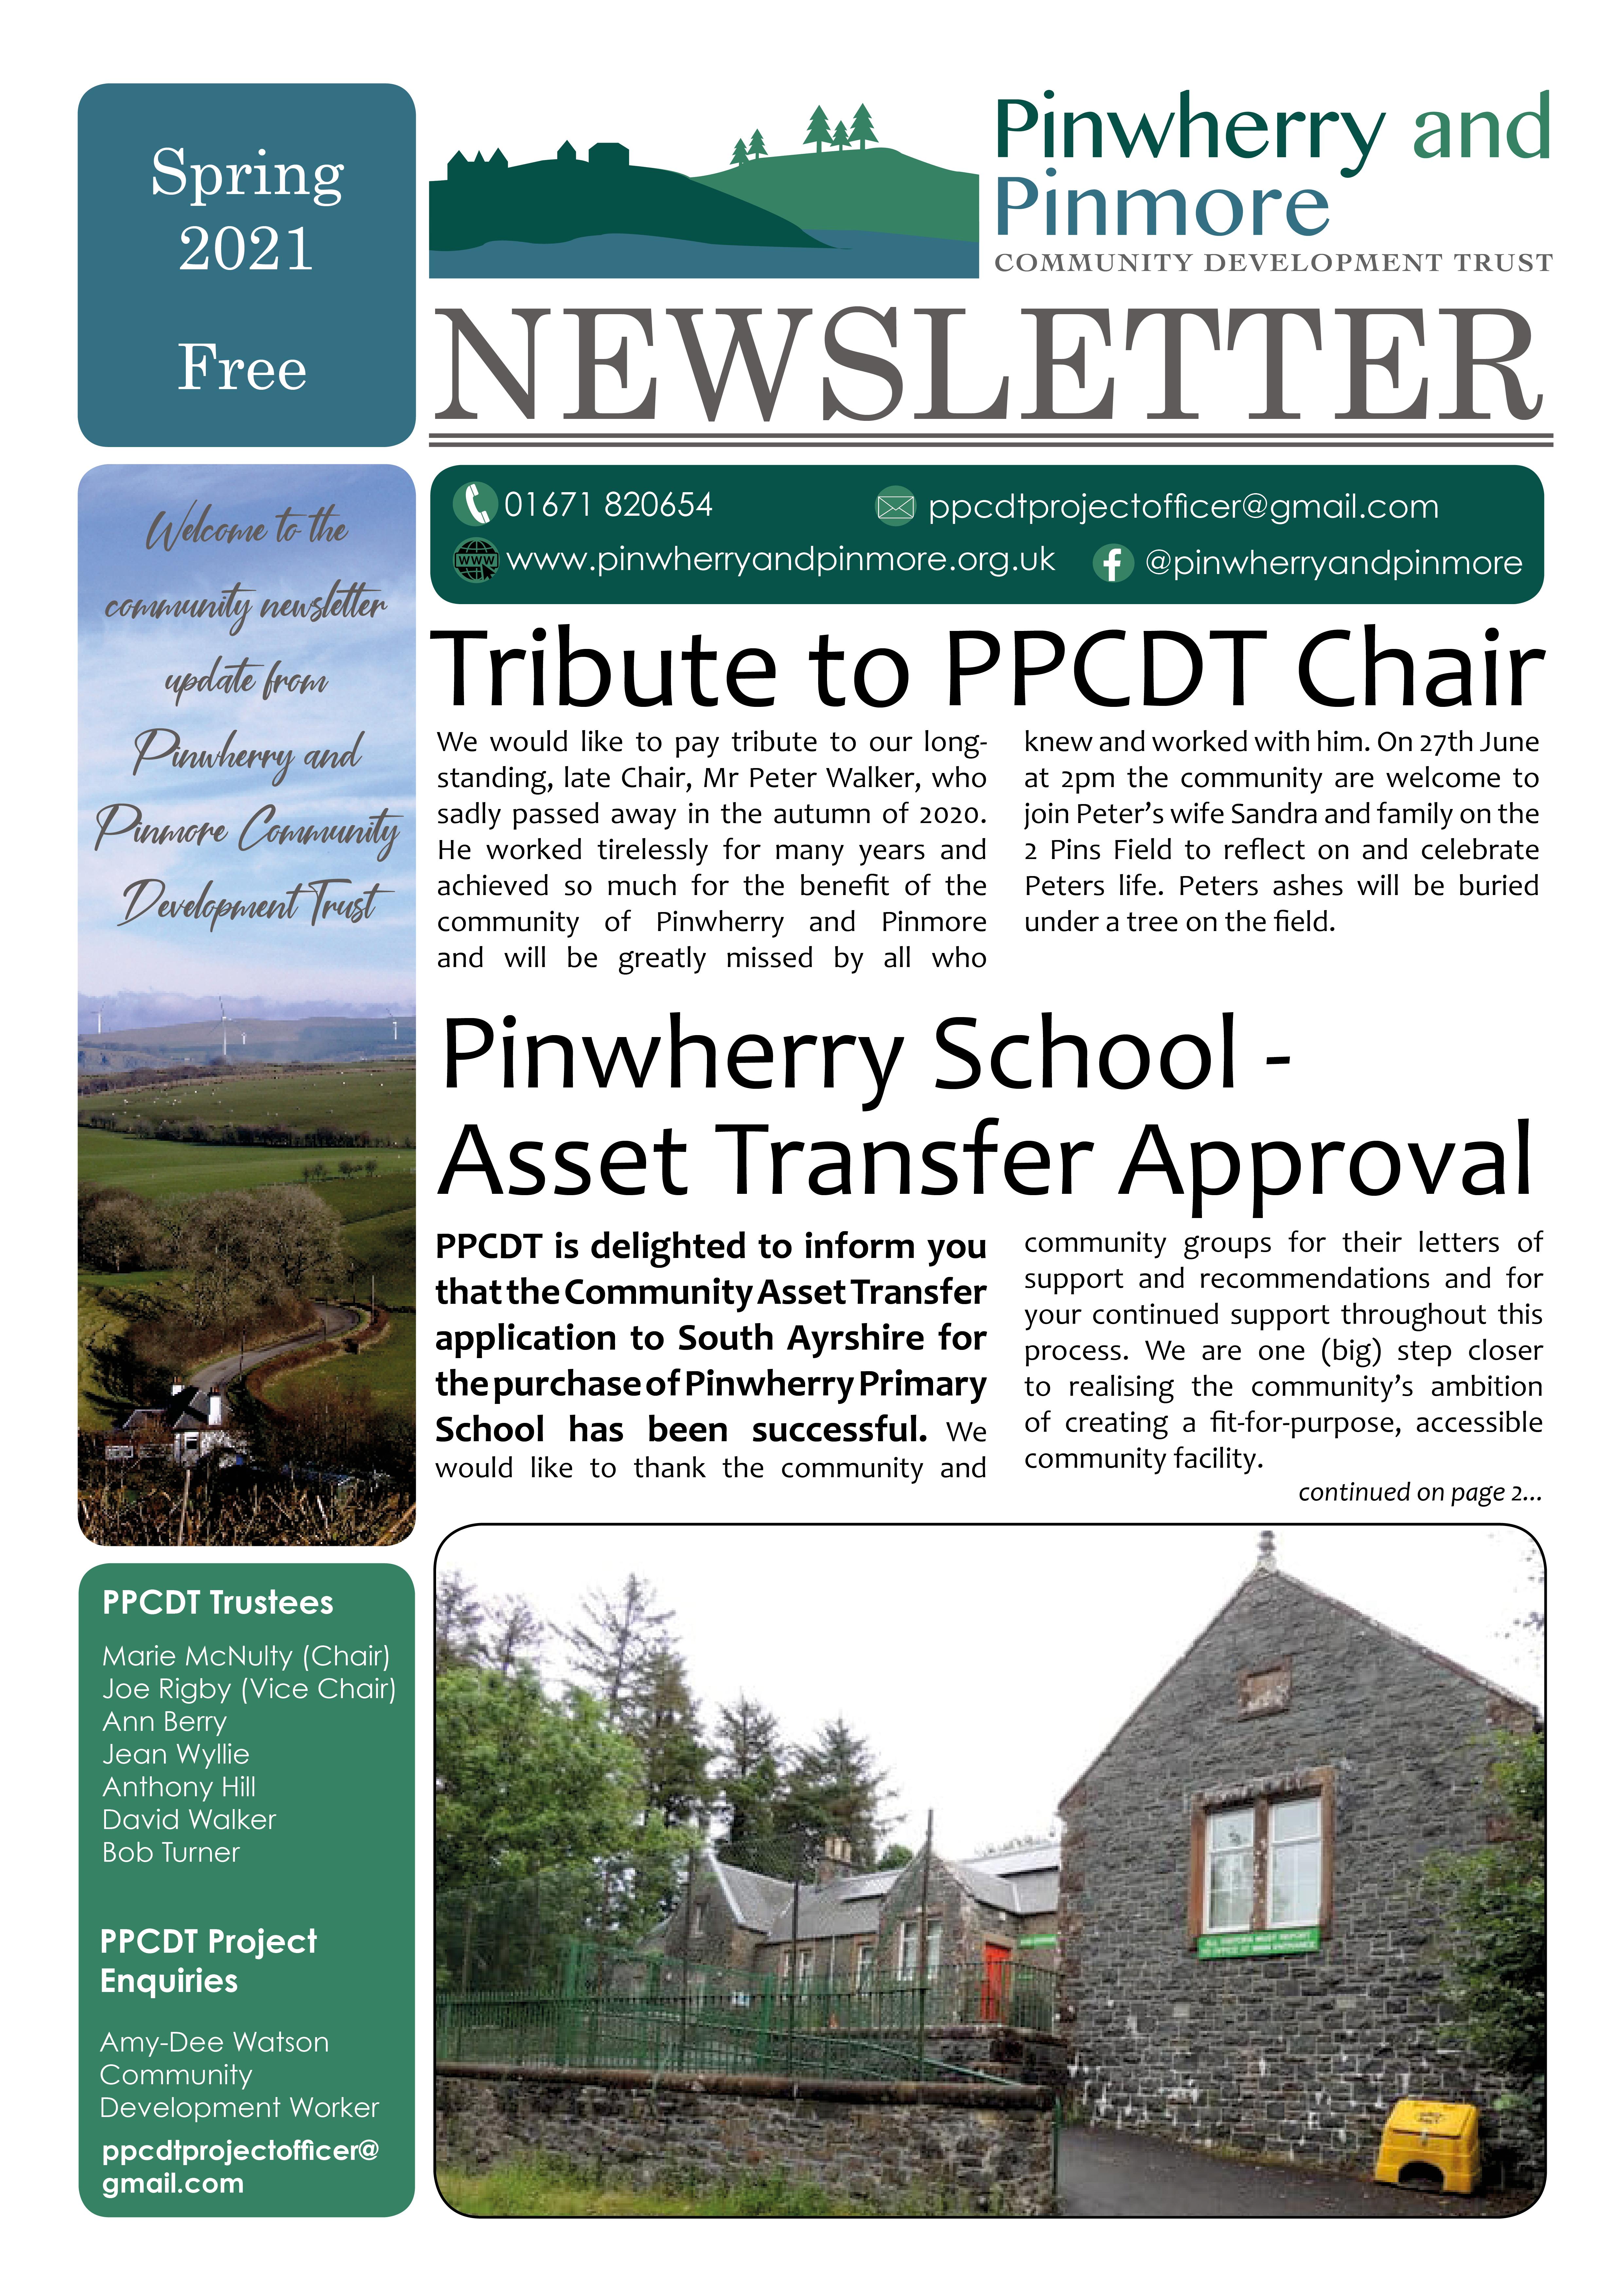 PPCDT Newsletter Spring 2021